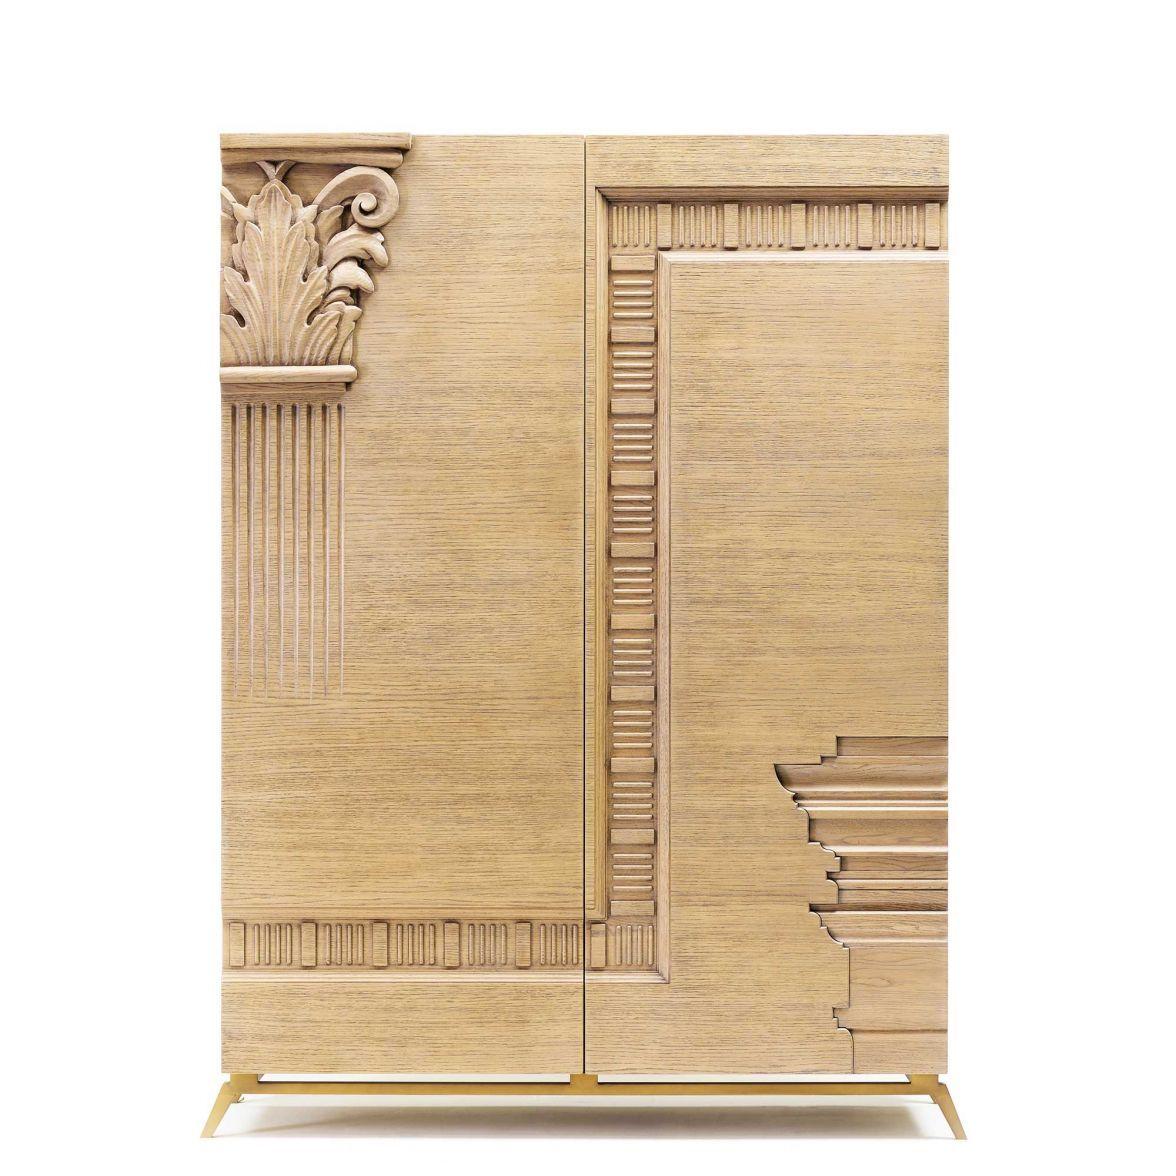 Bassorilievi cabinet